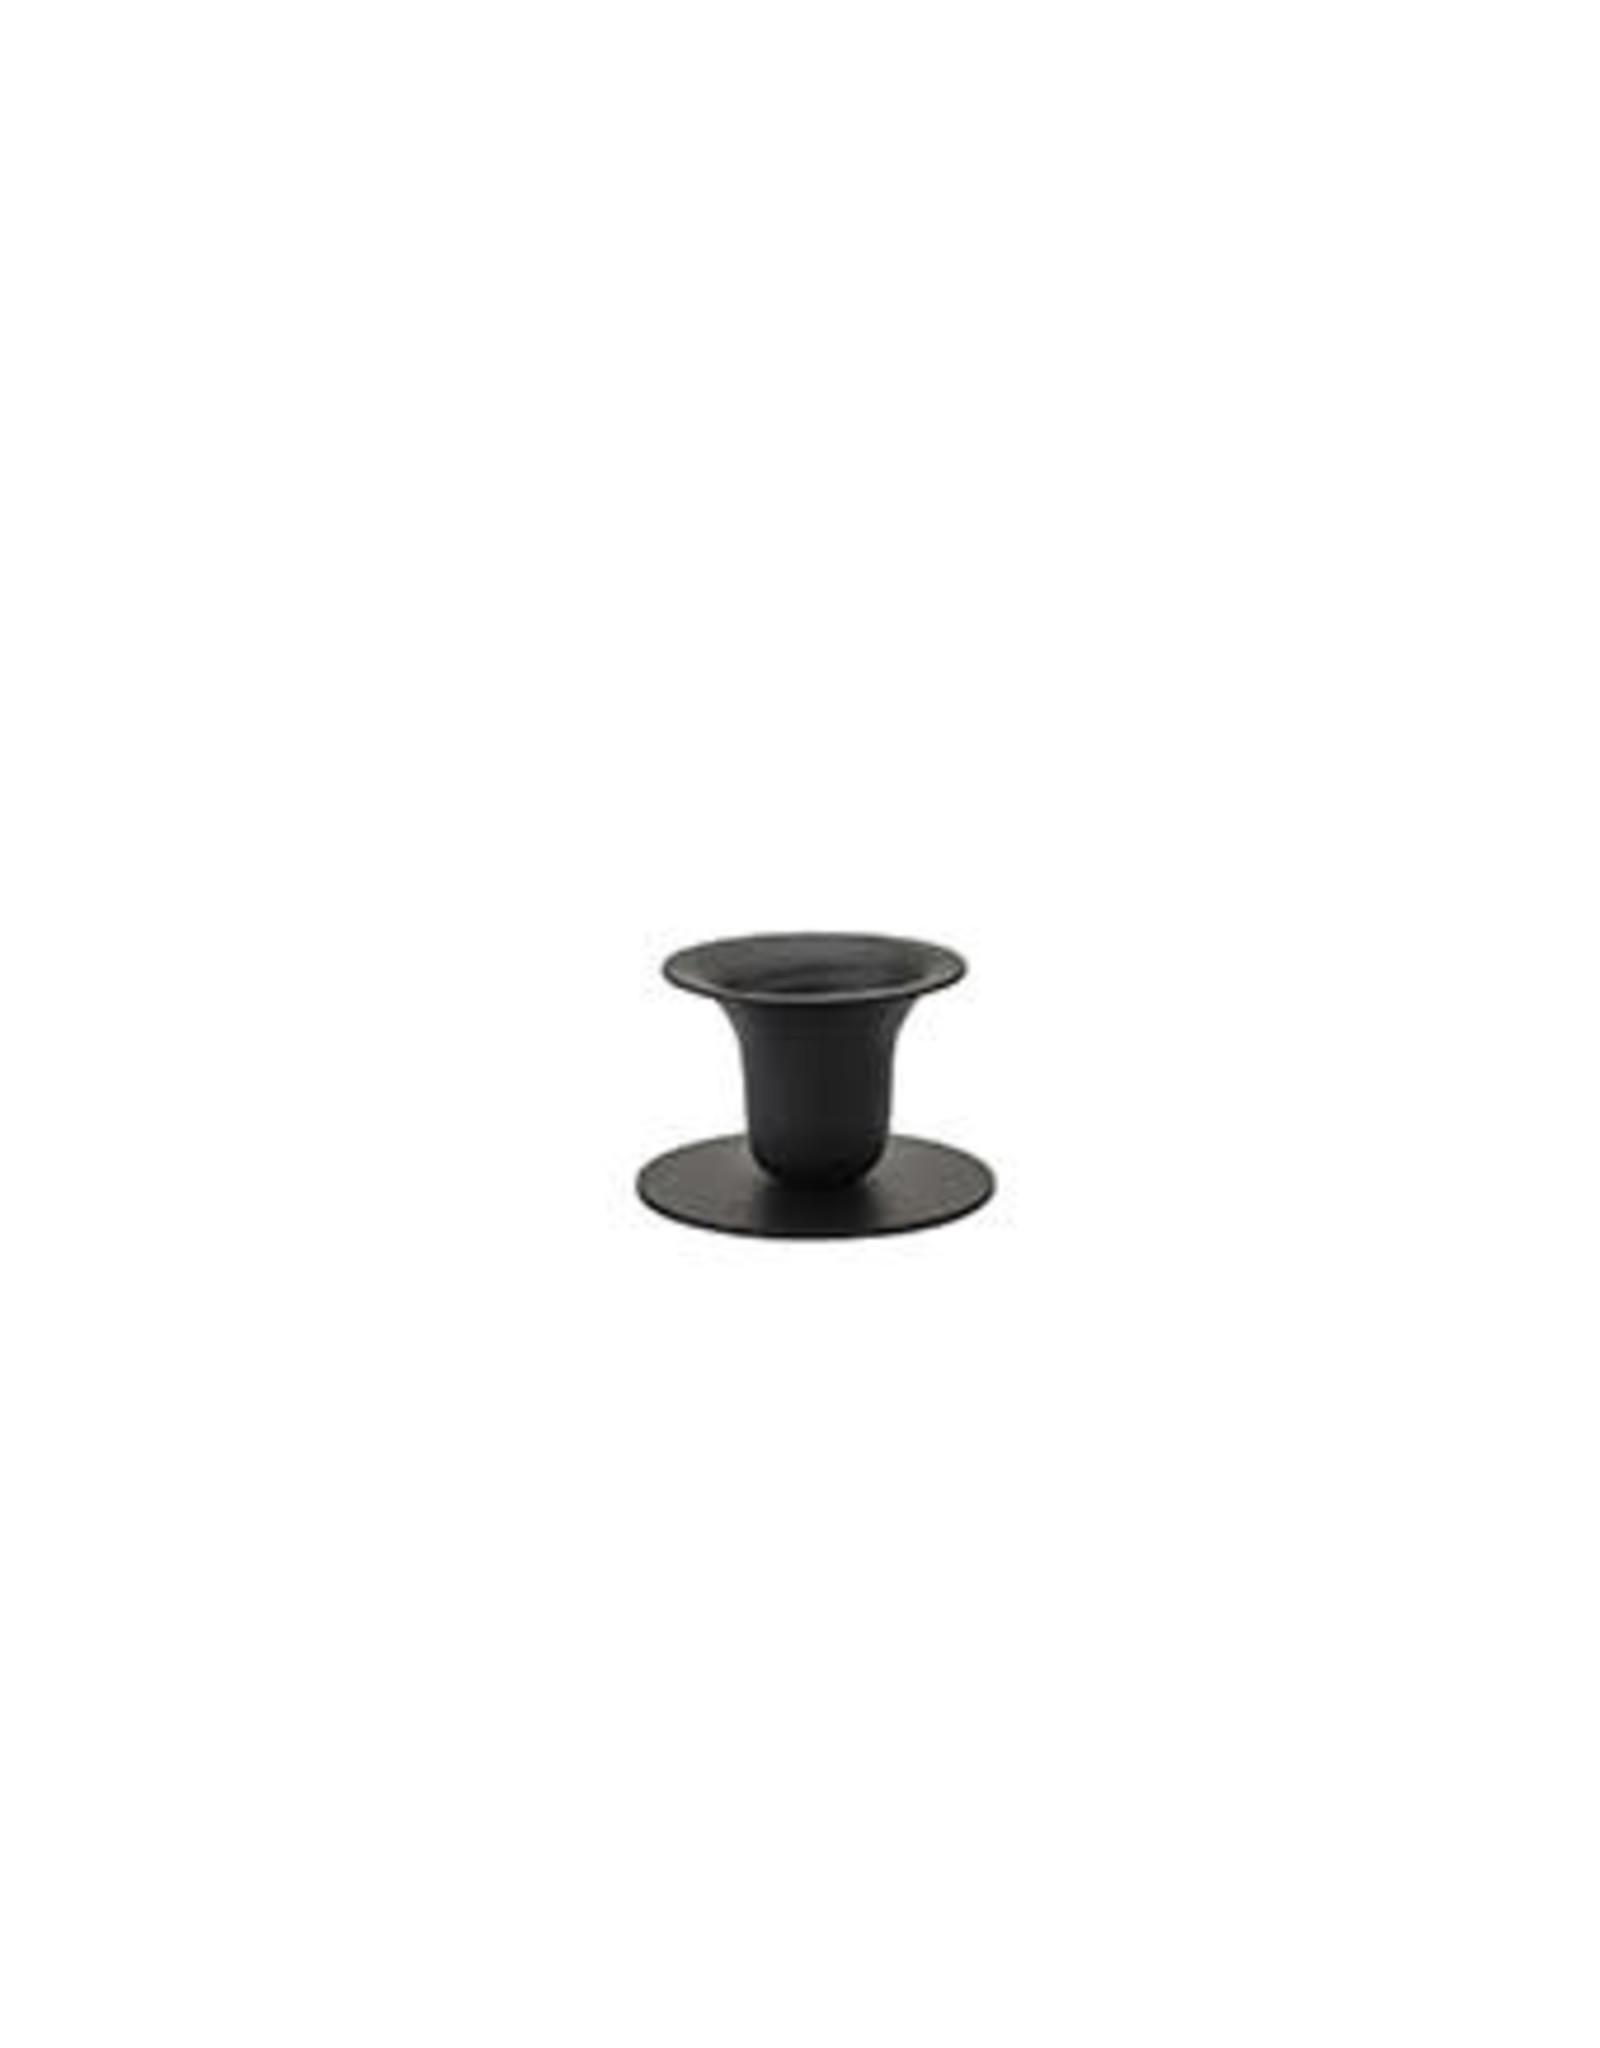 Kunst industrien Kandelaar, Bel Rustic Black    H 5cm Ø 2,3cm